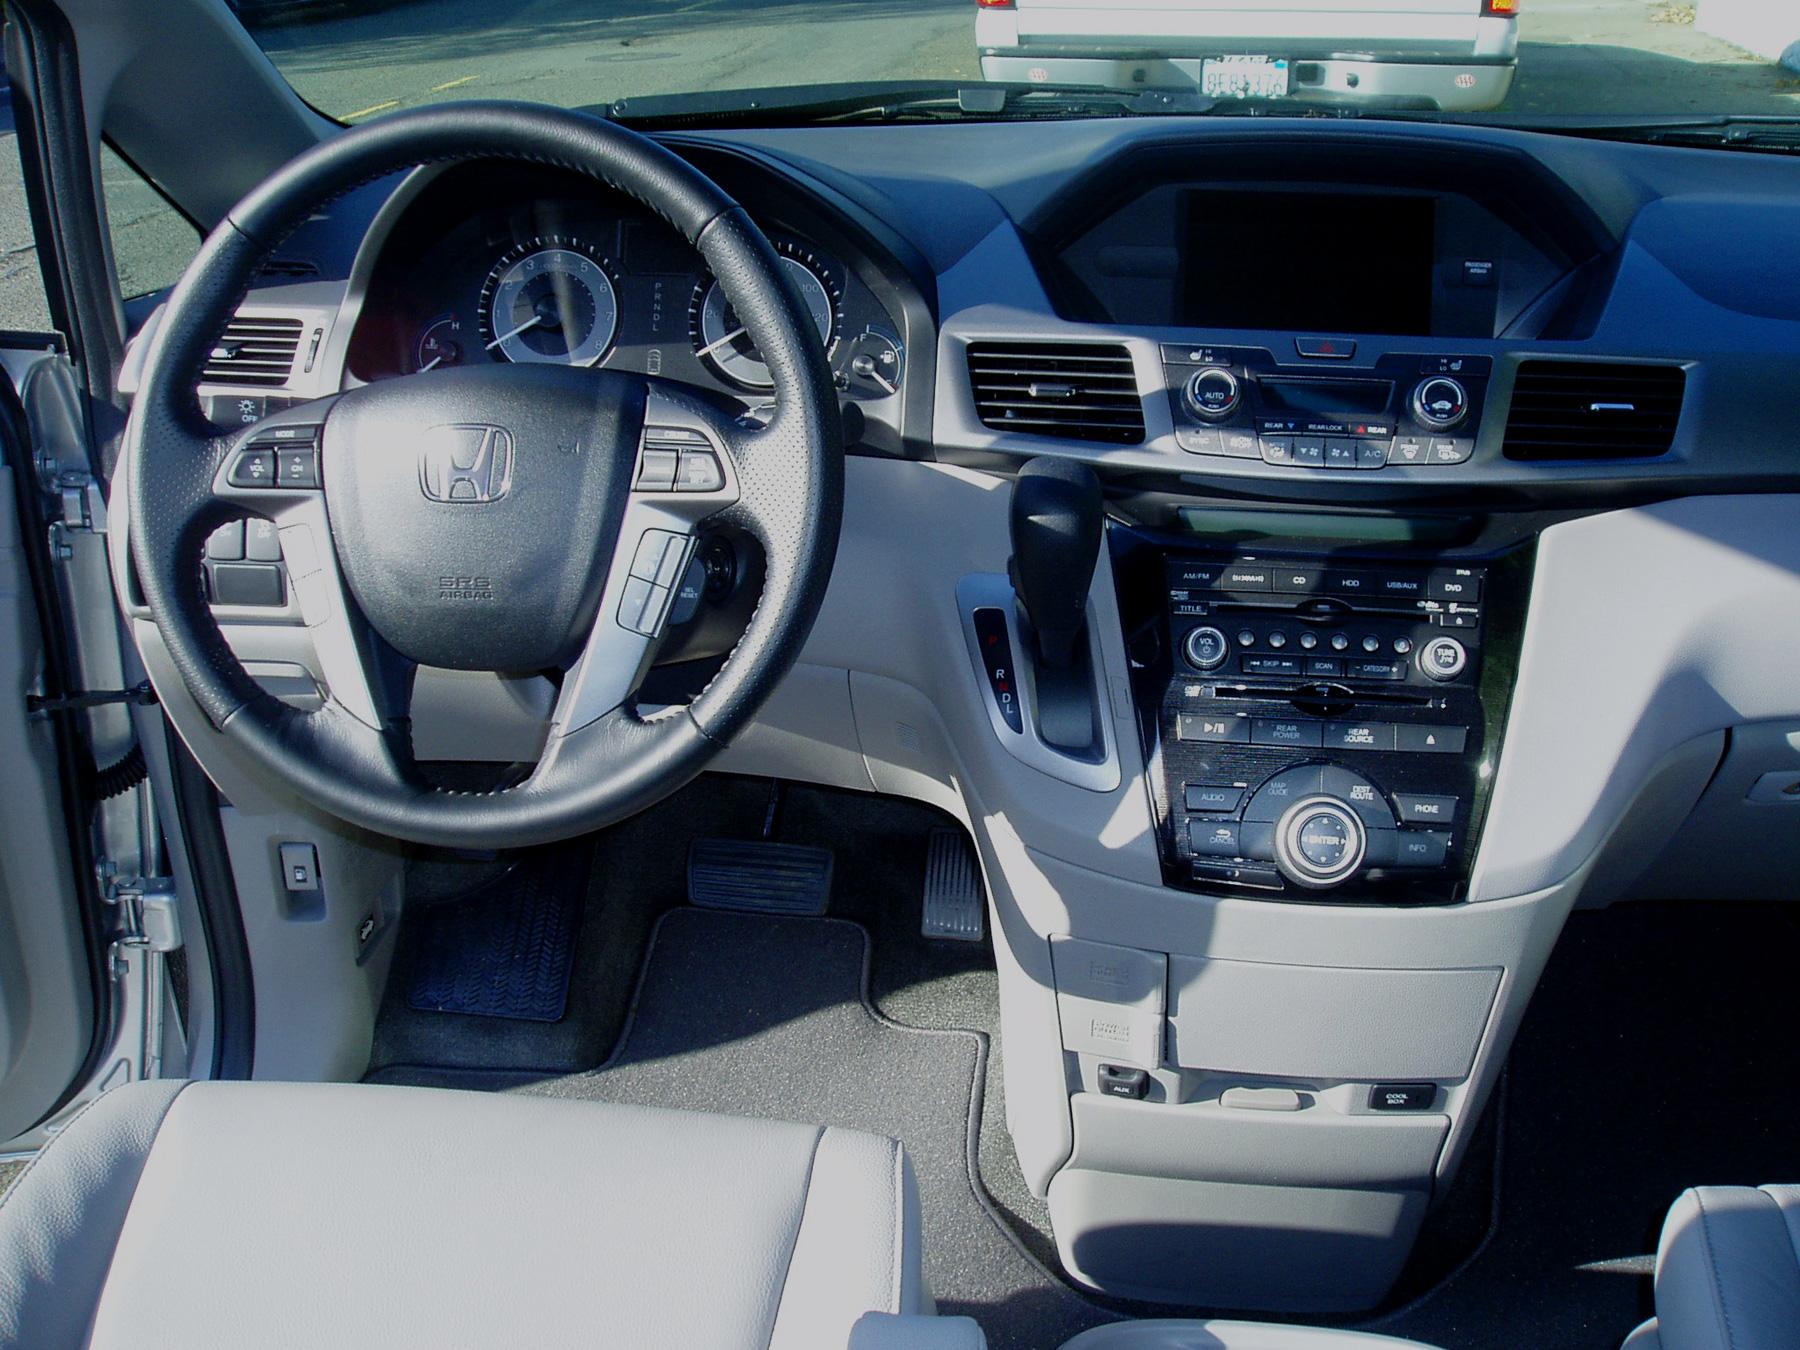 Kelebihan Honda Odyssey 2012 Tangguh